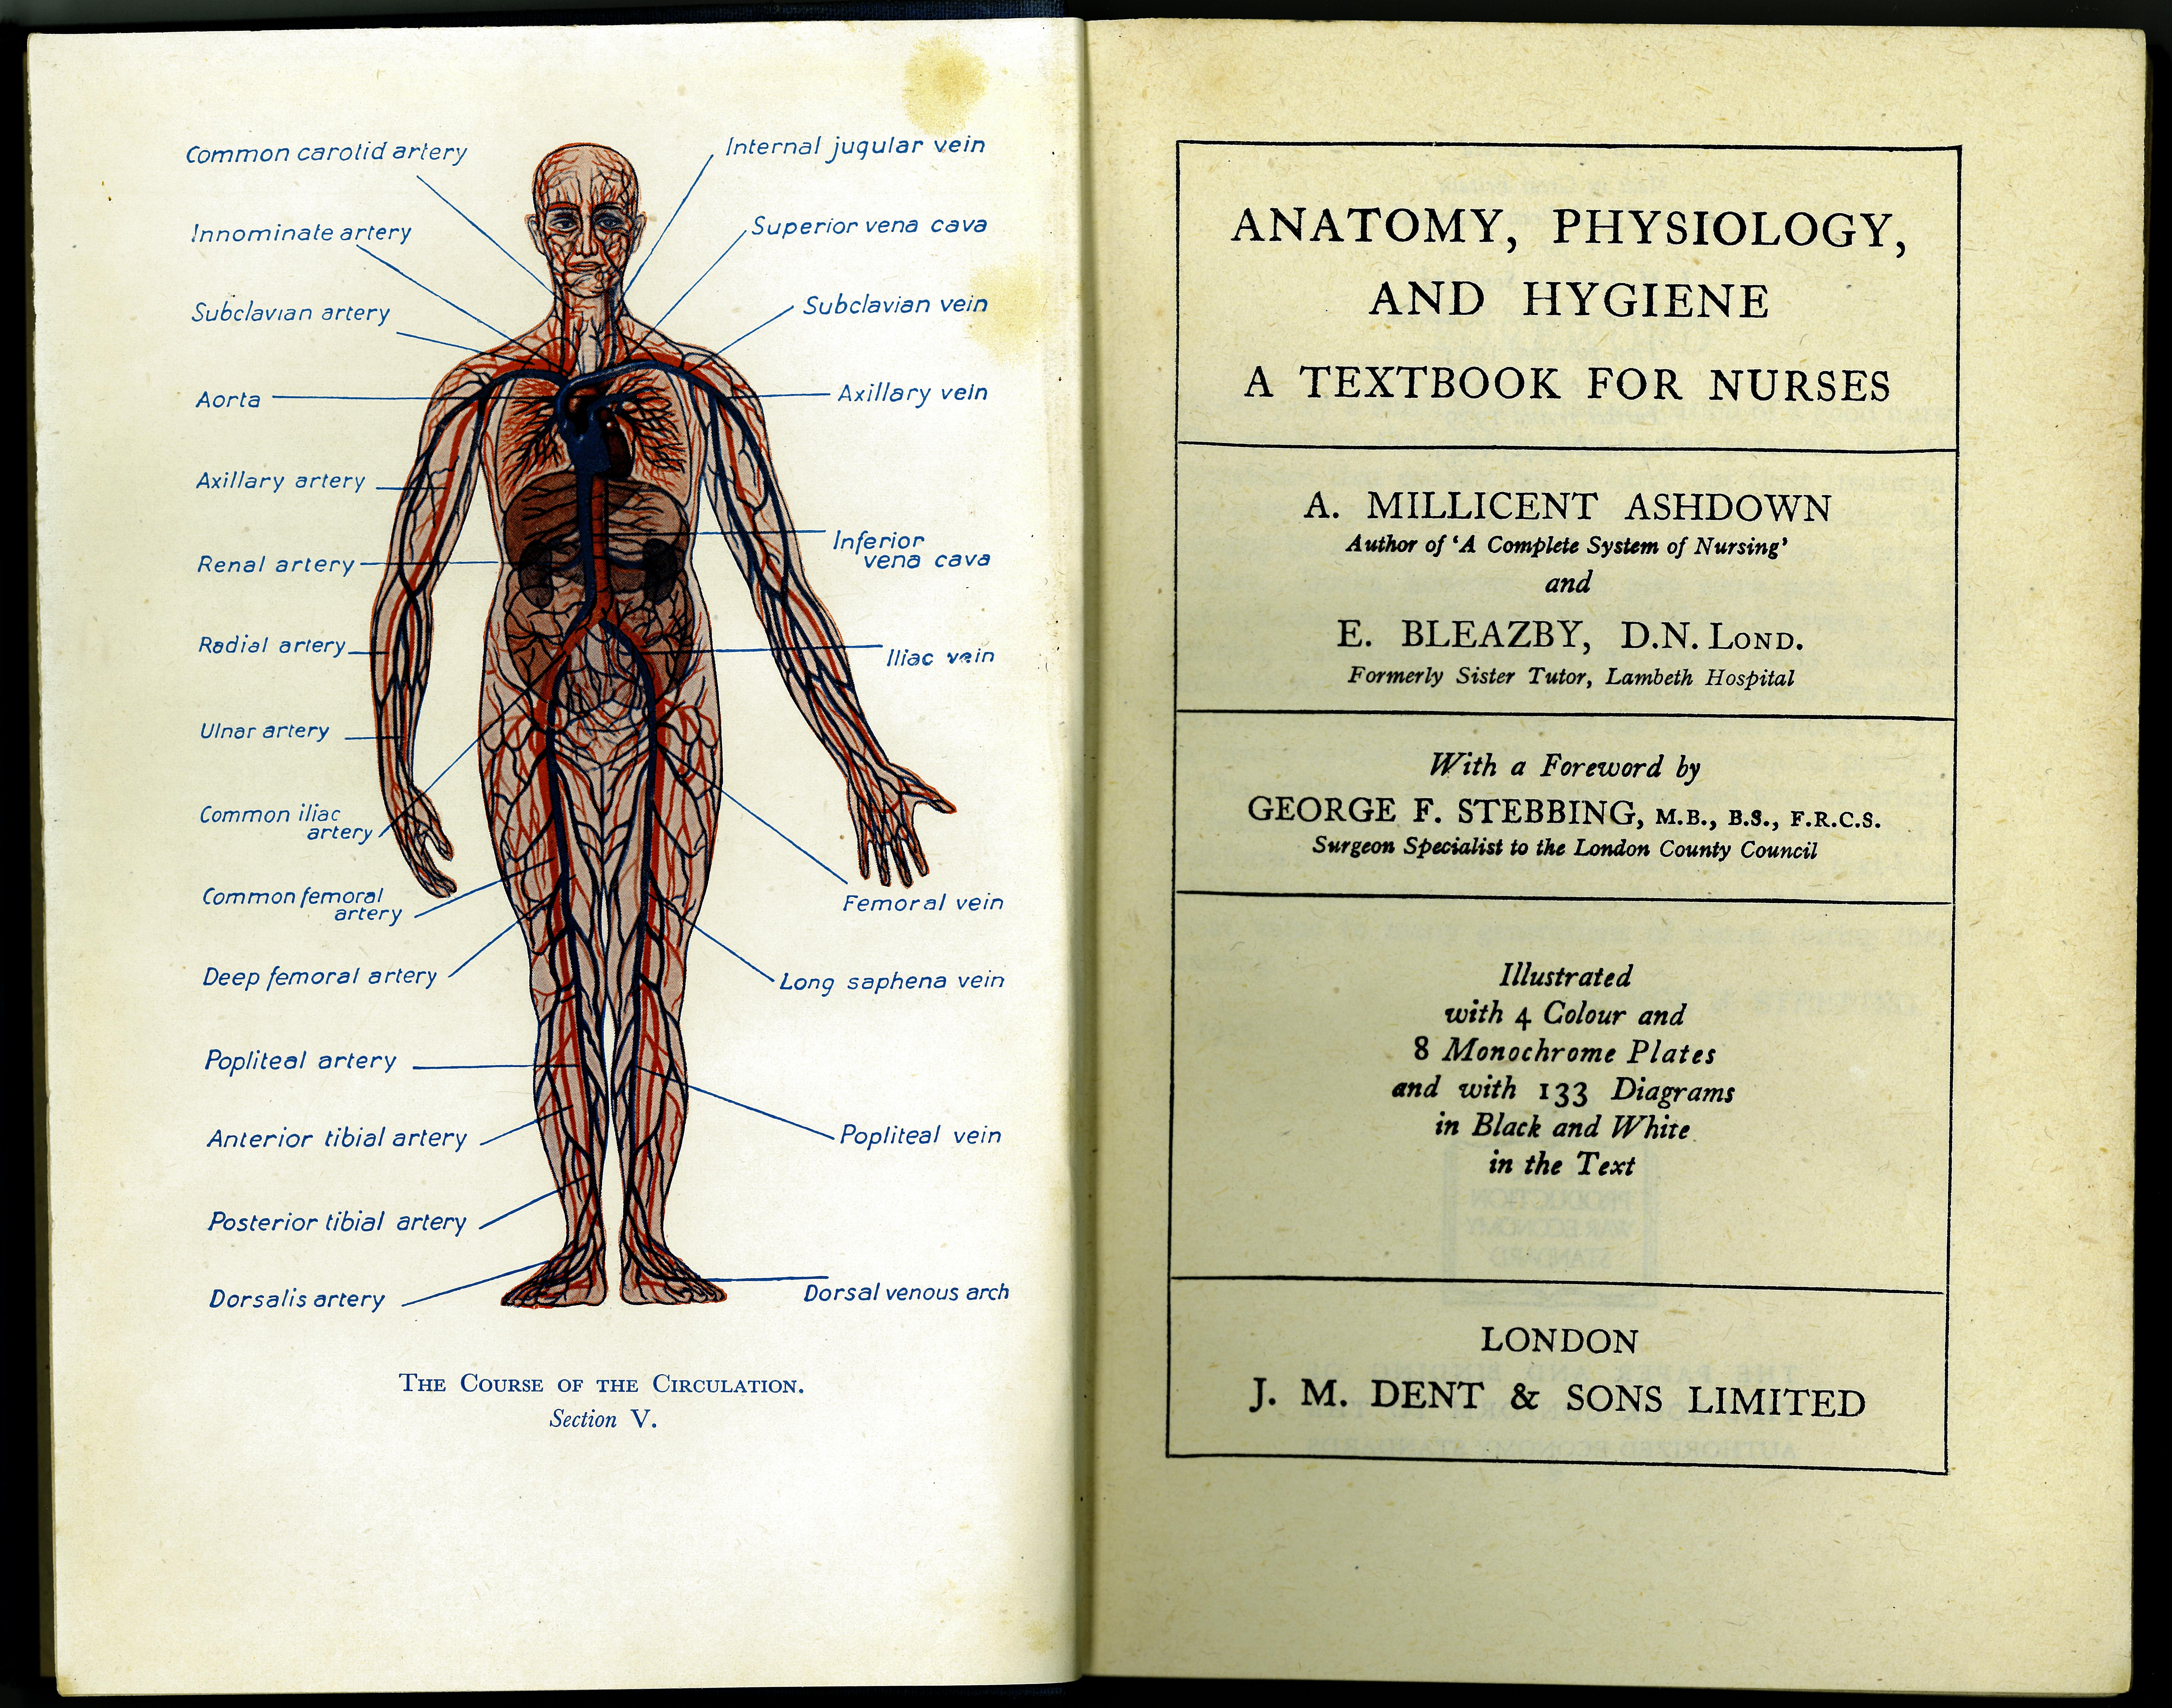 Anatomy, Physiology, and Hygiene: A Textbook for Nurses